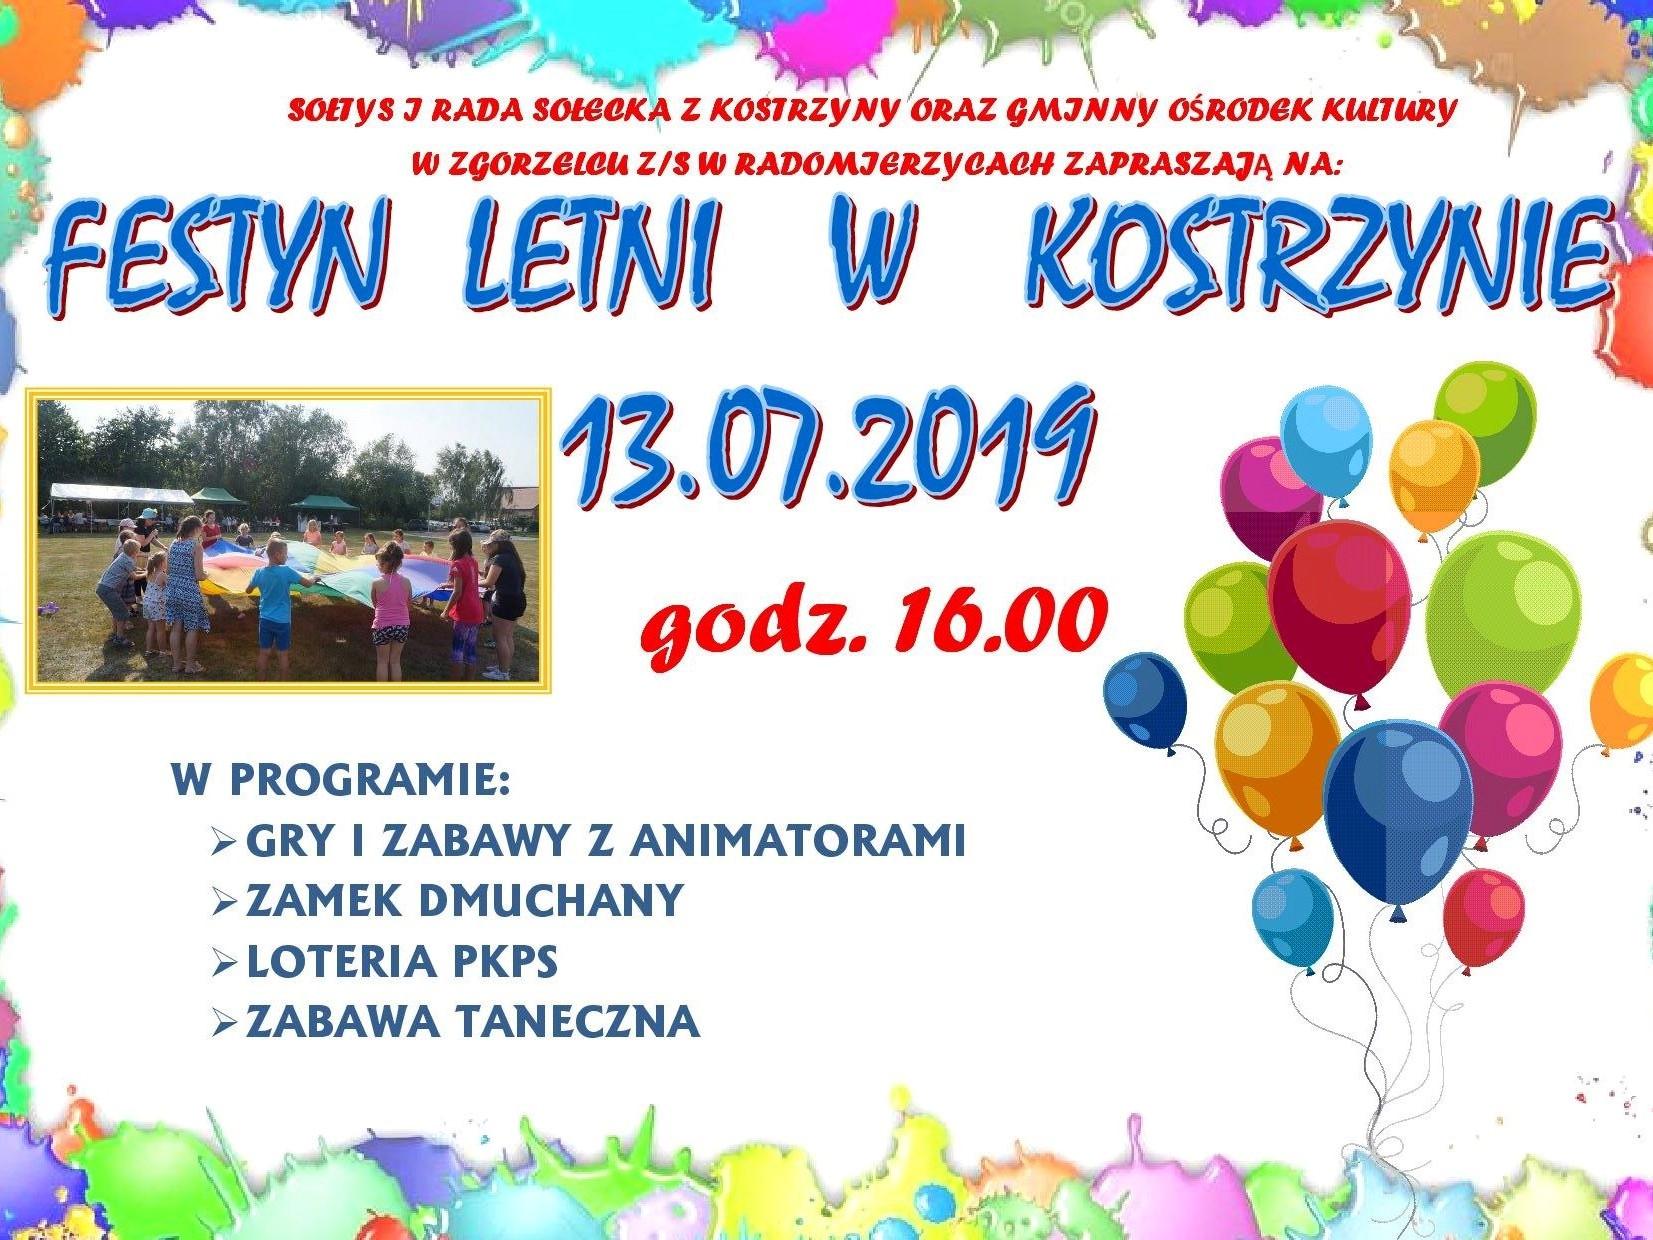 Festyn letni w Kostrzynie